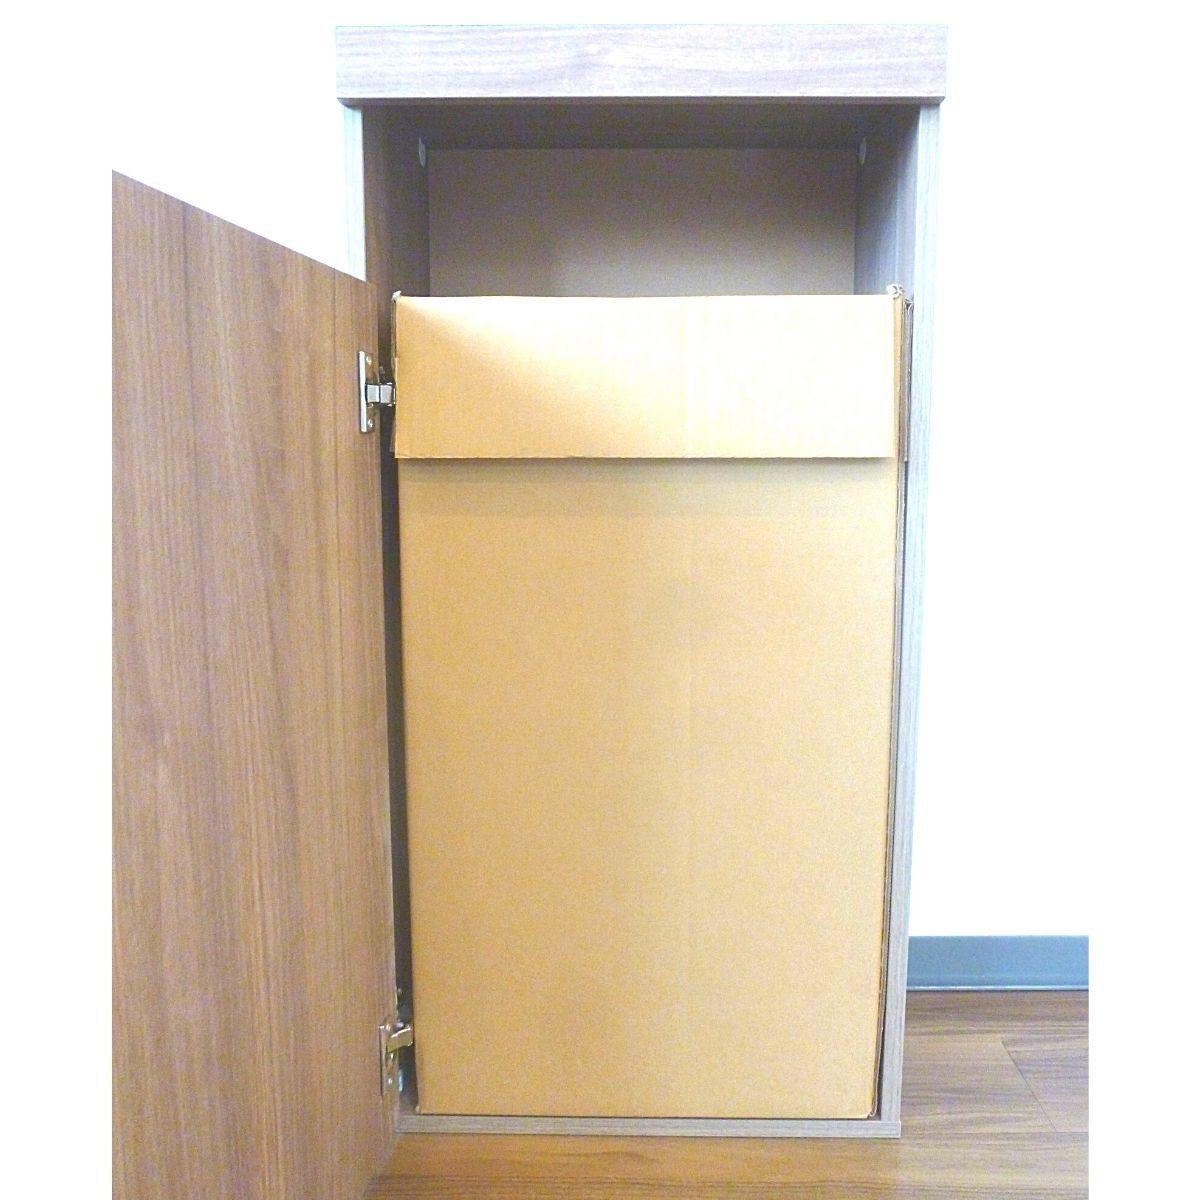 グレイエルムシリーズ・ごみボックス 取替専用ダンボール 交換用 ぴったりサイズ オフィス・店舗用 大容量70L 3枚セット